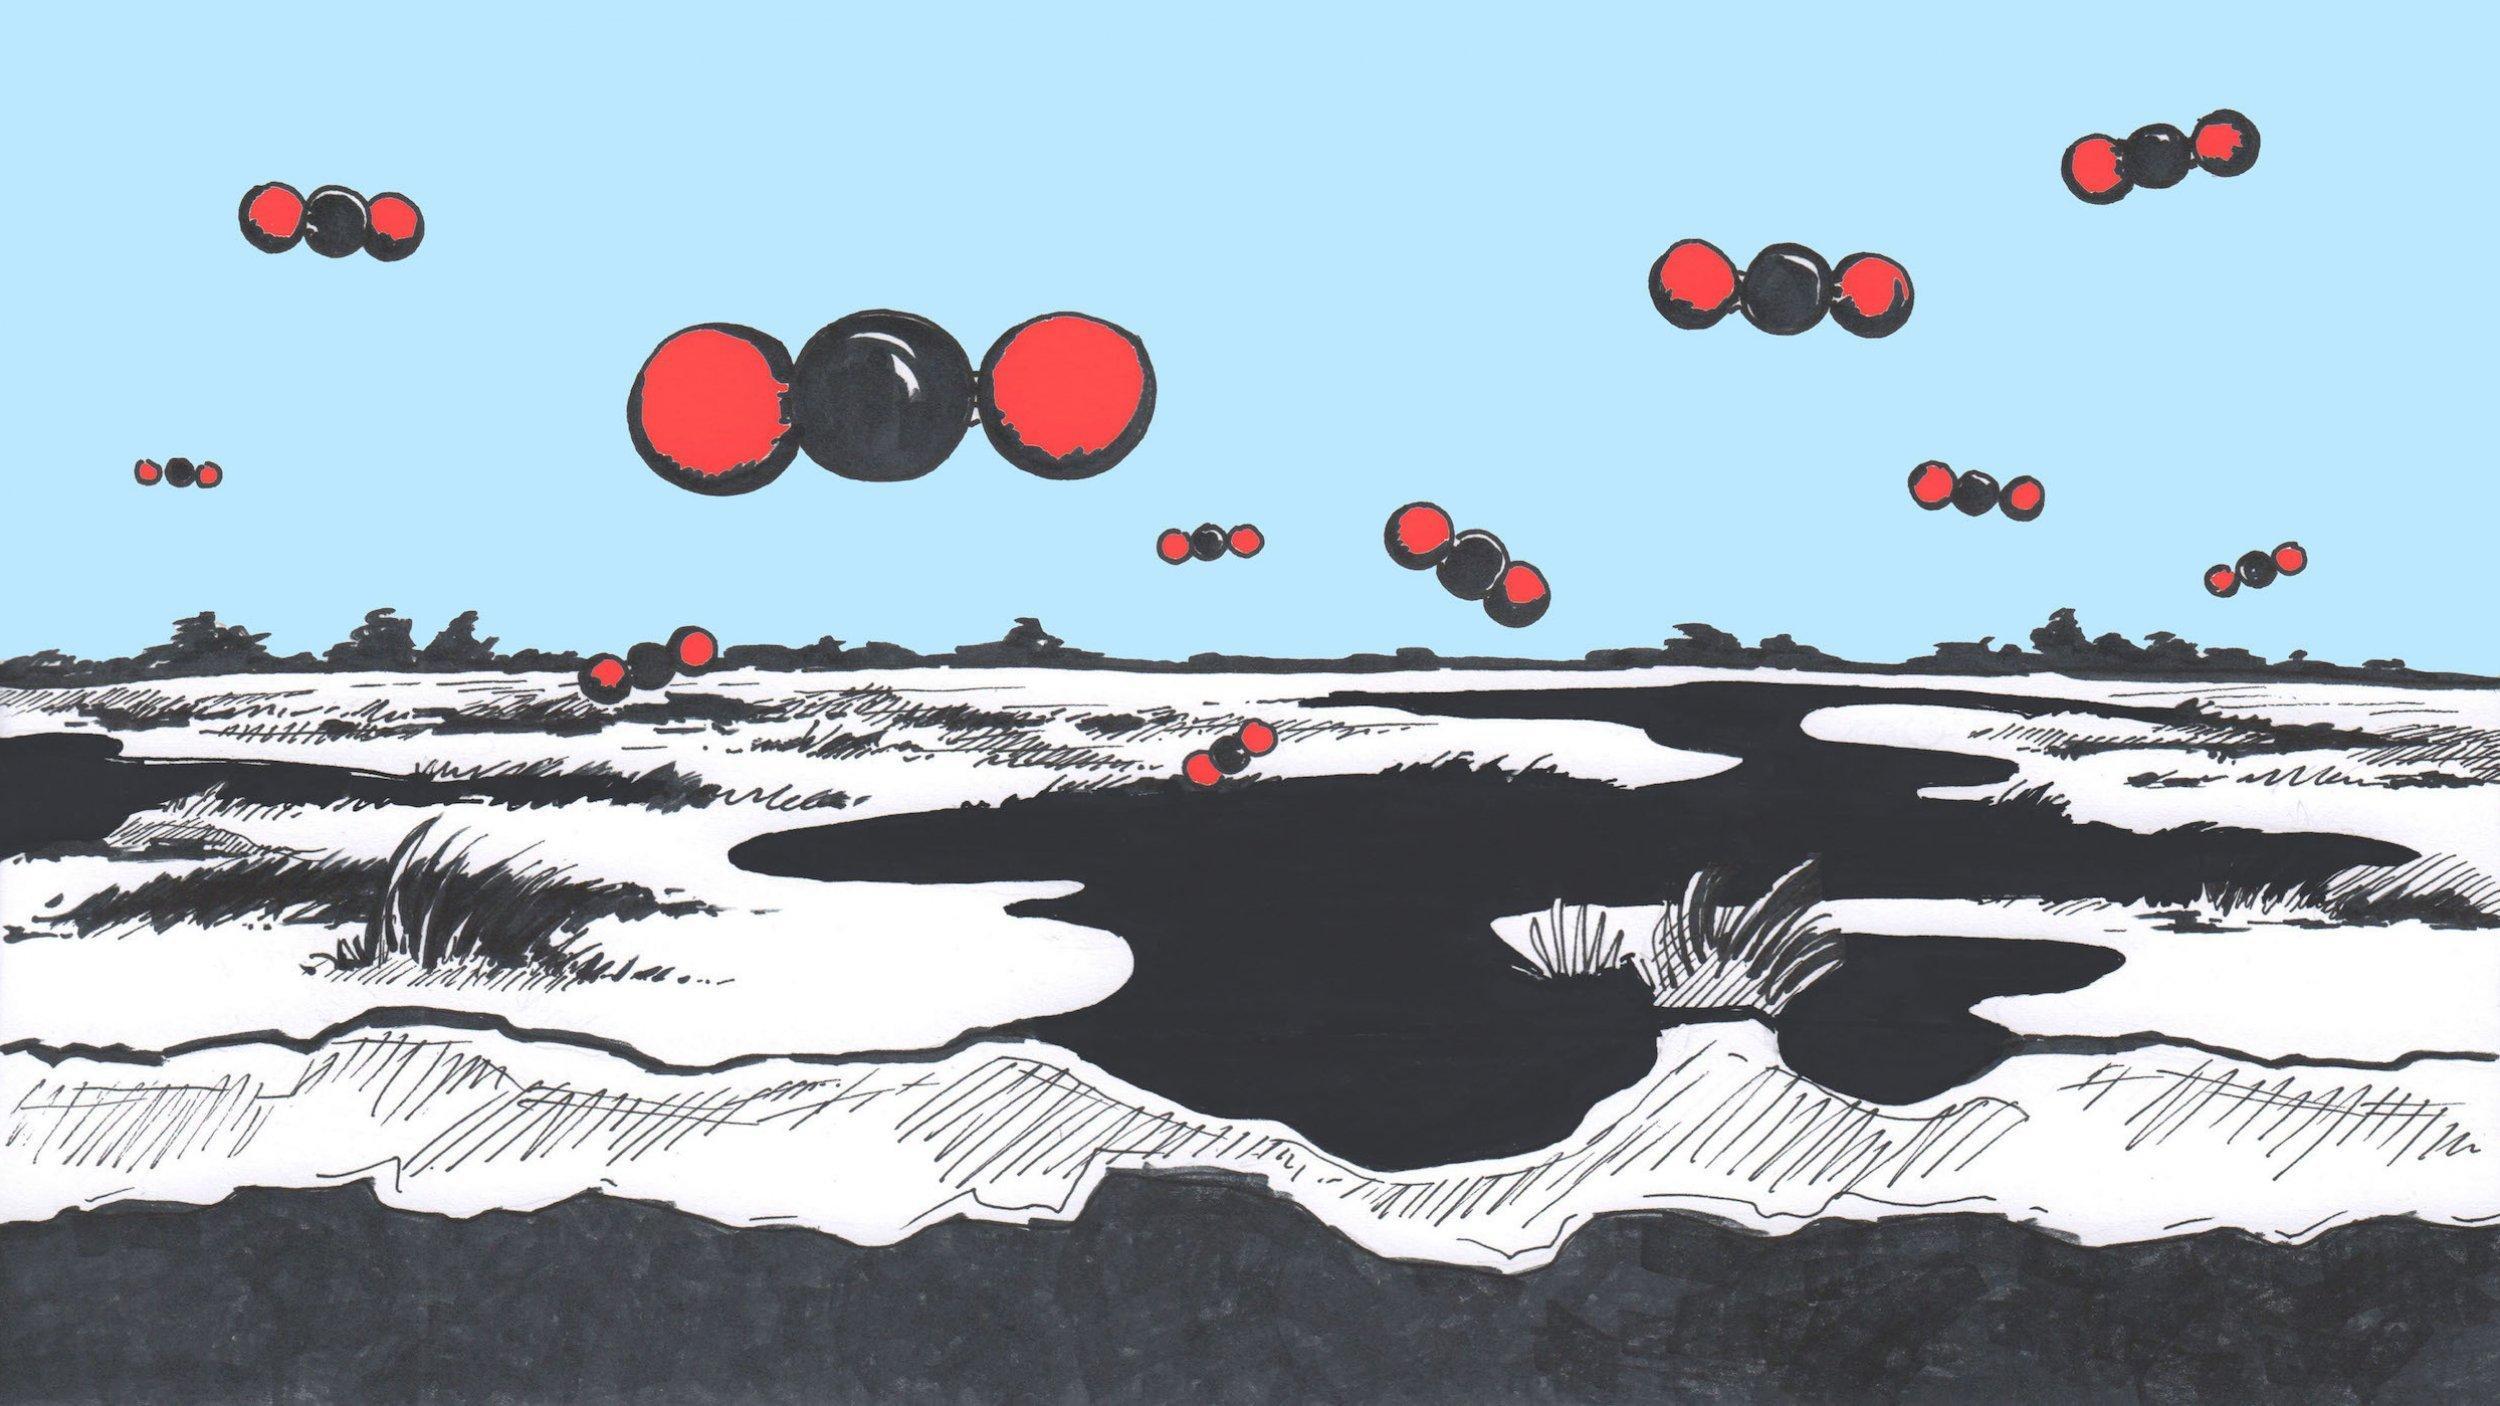 Die Illustration zeigt eine Moorlandschaft in schwarz, darüber schweben wie Raumschiffe Kohlendioxid-Moleküle, die übergroß im Kugelmodell von Atomen gezeichnet sind.